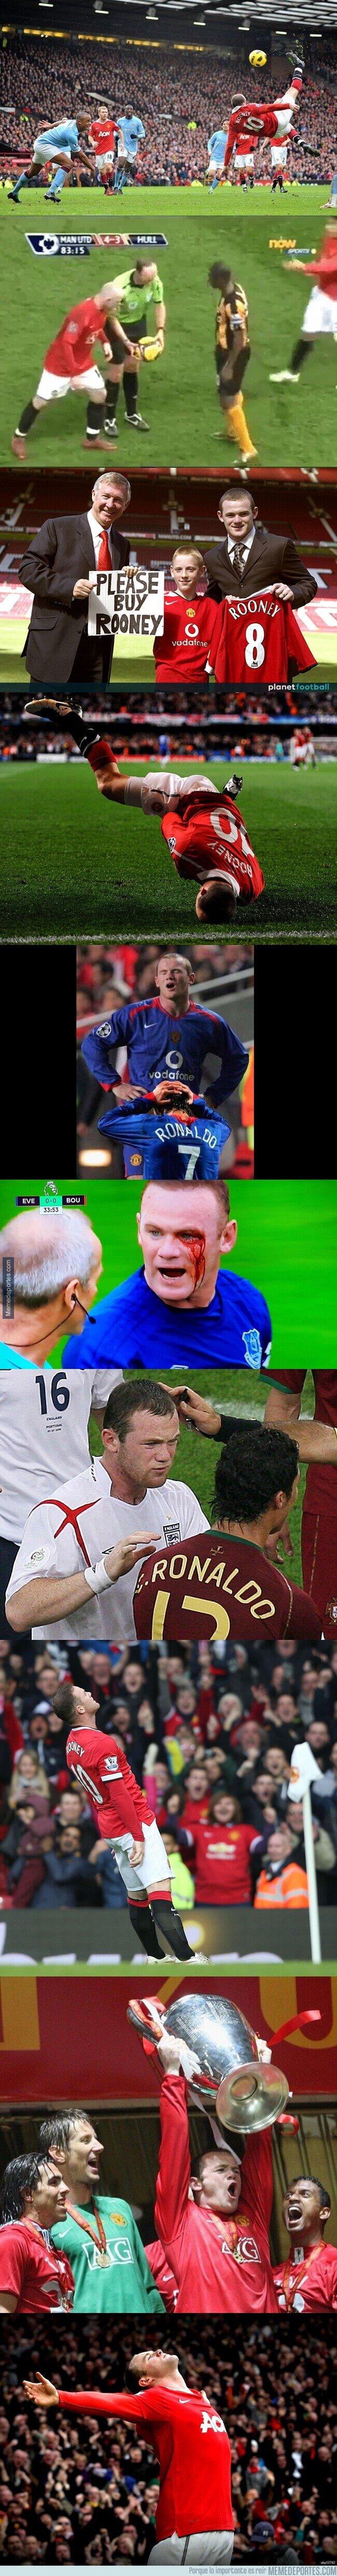 1125458 - El Gran Wayne Rooney en imágenes. Vaya carrera.